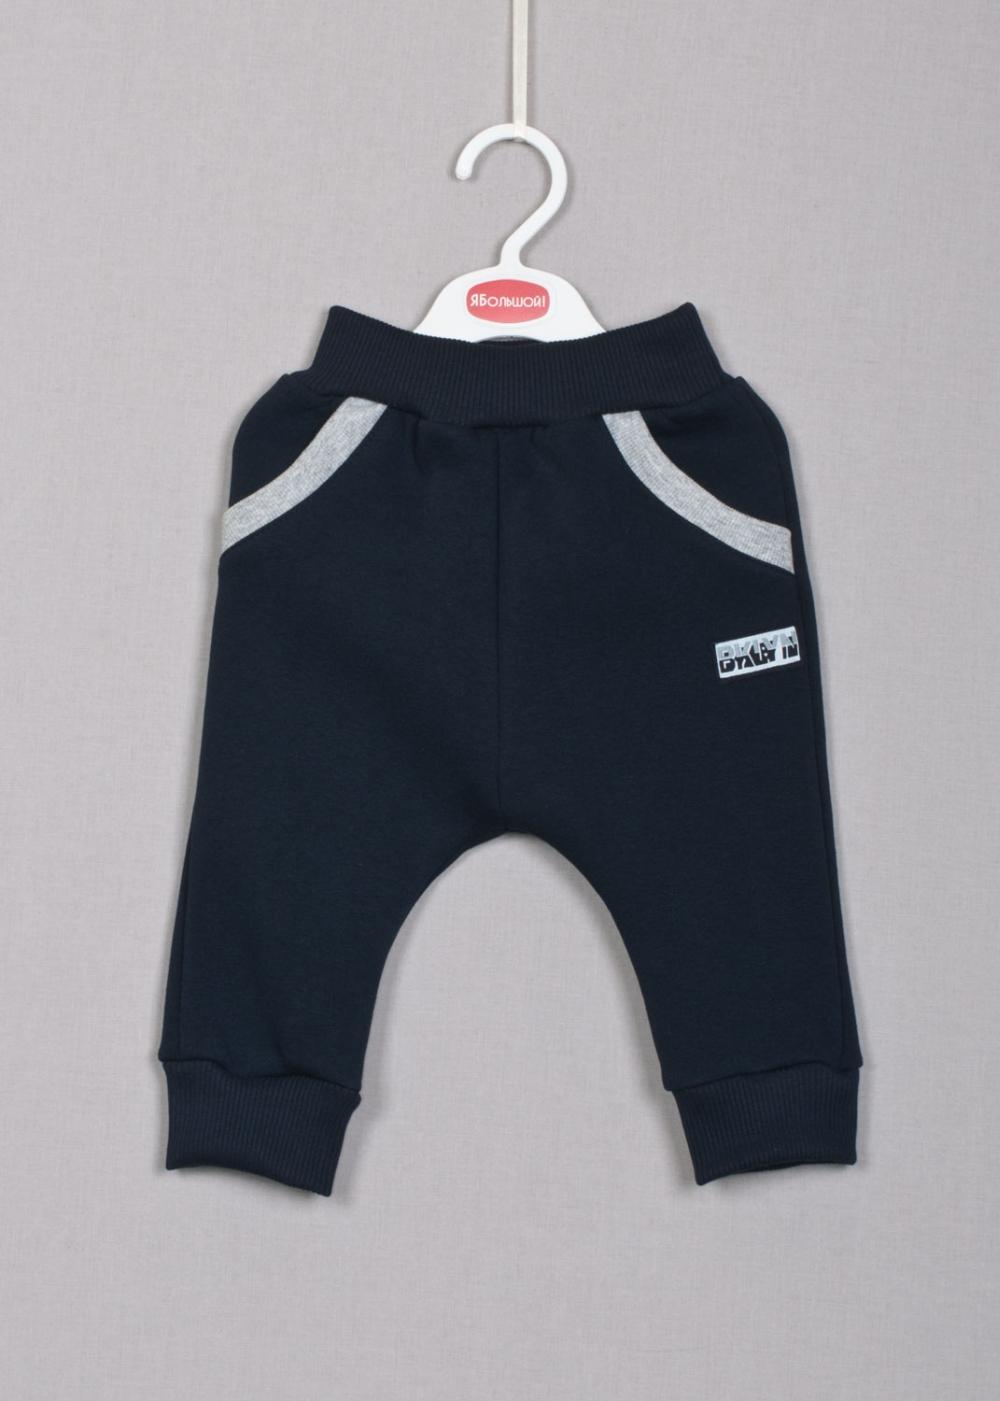 ШтанишкиПолзунки<br>Утепленные штанишки для новорожденного  В изделии использованы цвета: темно-синий  Размер соответствует росту ребенка<br><br>По возрасту: Ясельные ( от 1 до 3 лет)<br>По материалу: Трикотажные<br>По образу: Повседневные,Спорт<br>По рисунку: Однотонные<br>По силуэту: Полуприталенные<br>По стилю: Классические,Повседневные,Спортивные,Теплые<br>По форме: Классические<br>По элементам: На резинке,С карманами<br>По сезону: Осень,Весна<br>Размер : 68,74,86,98<br>Материал: Трикотаж<br>Количество в наличии: 4